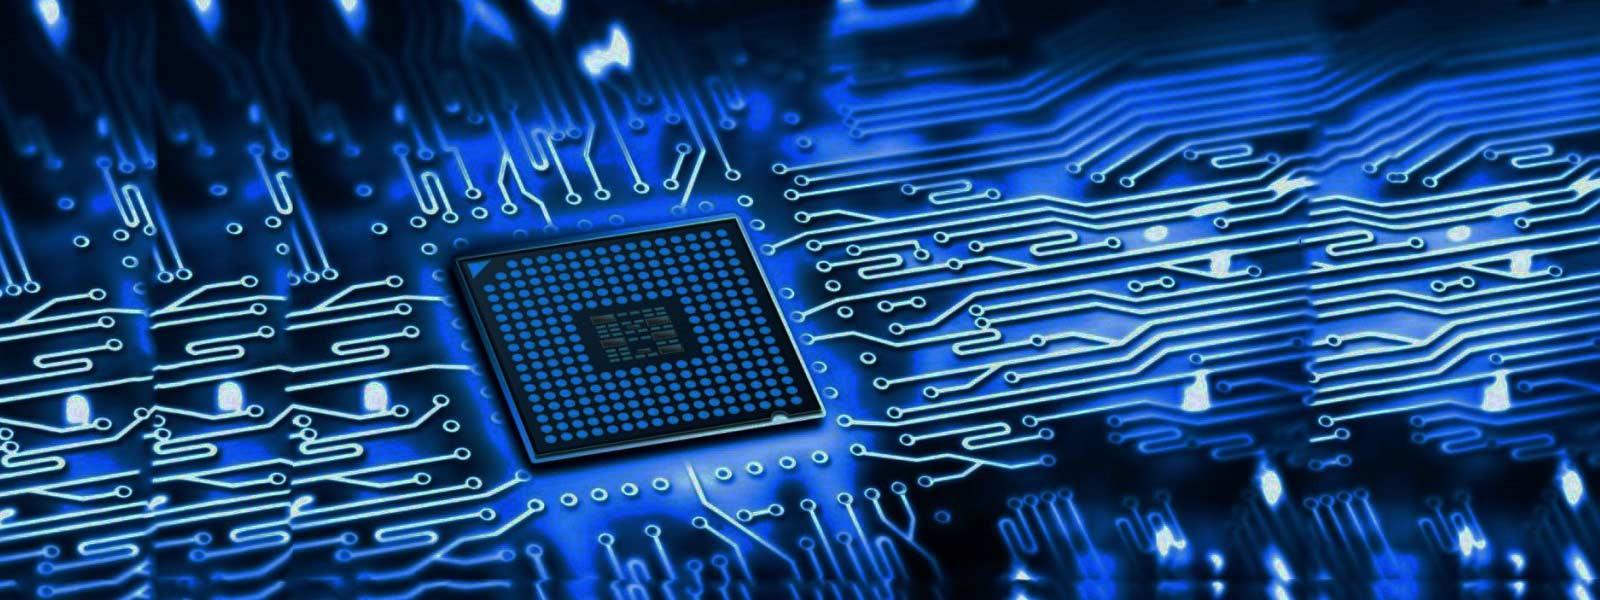 GPU accelerated processing